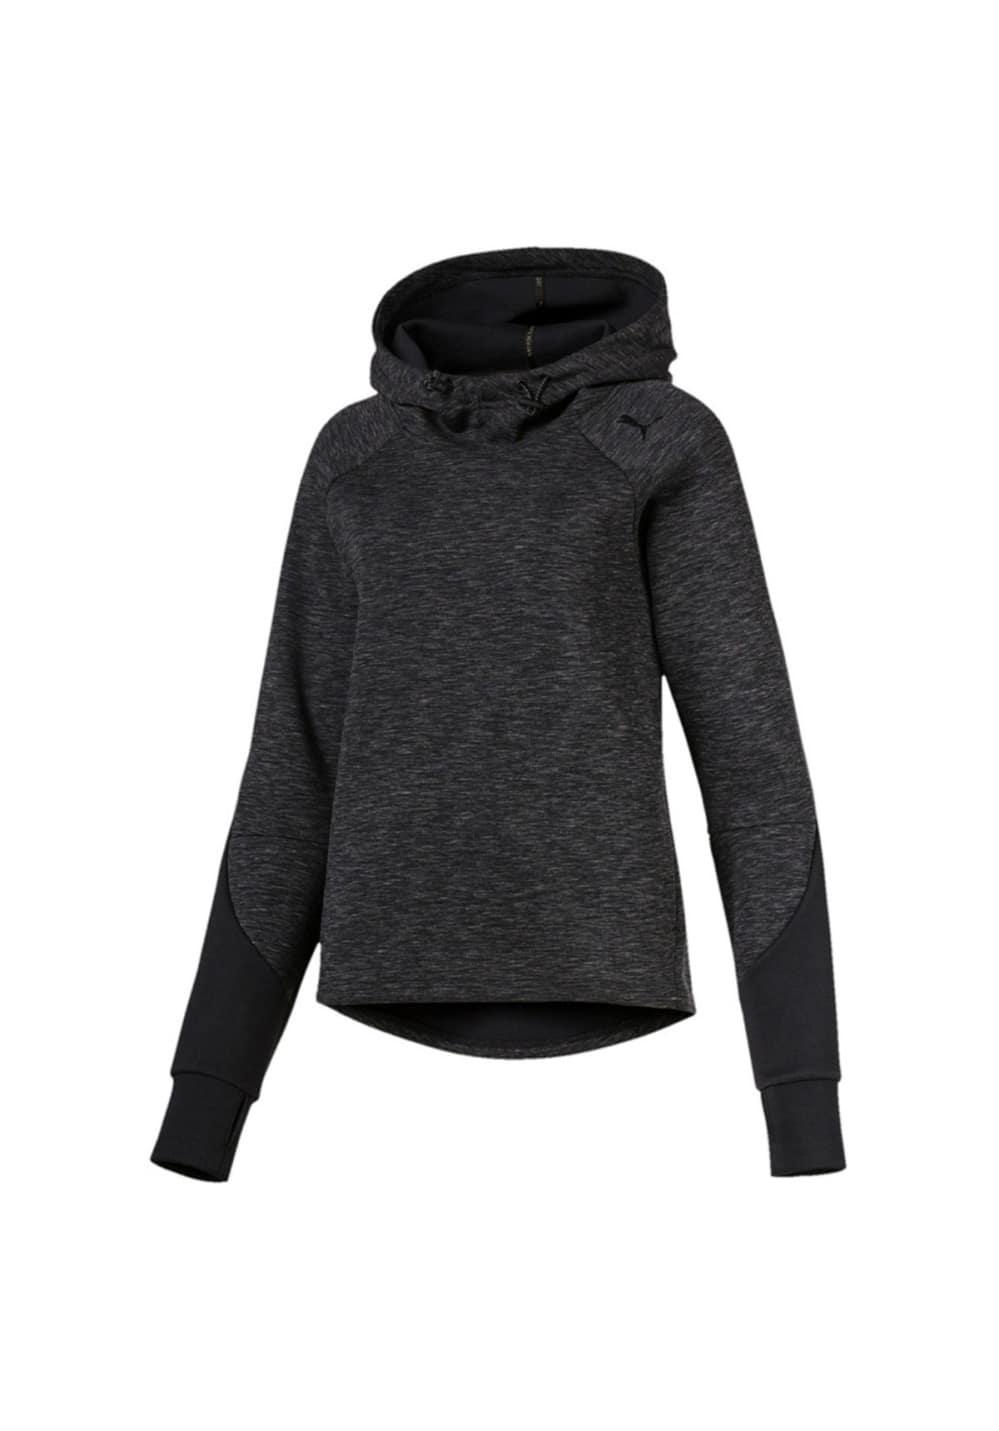 Puma EVOSTRIPE Hoody - Sweatshirts & Hoodies für Damen - Schwarz